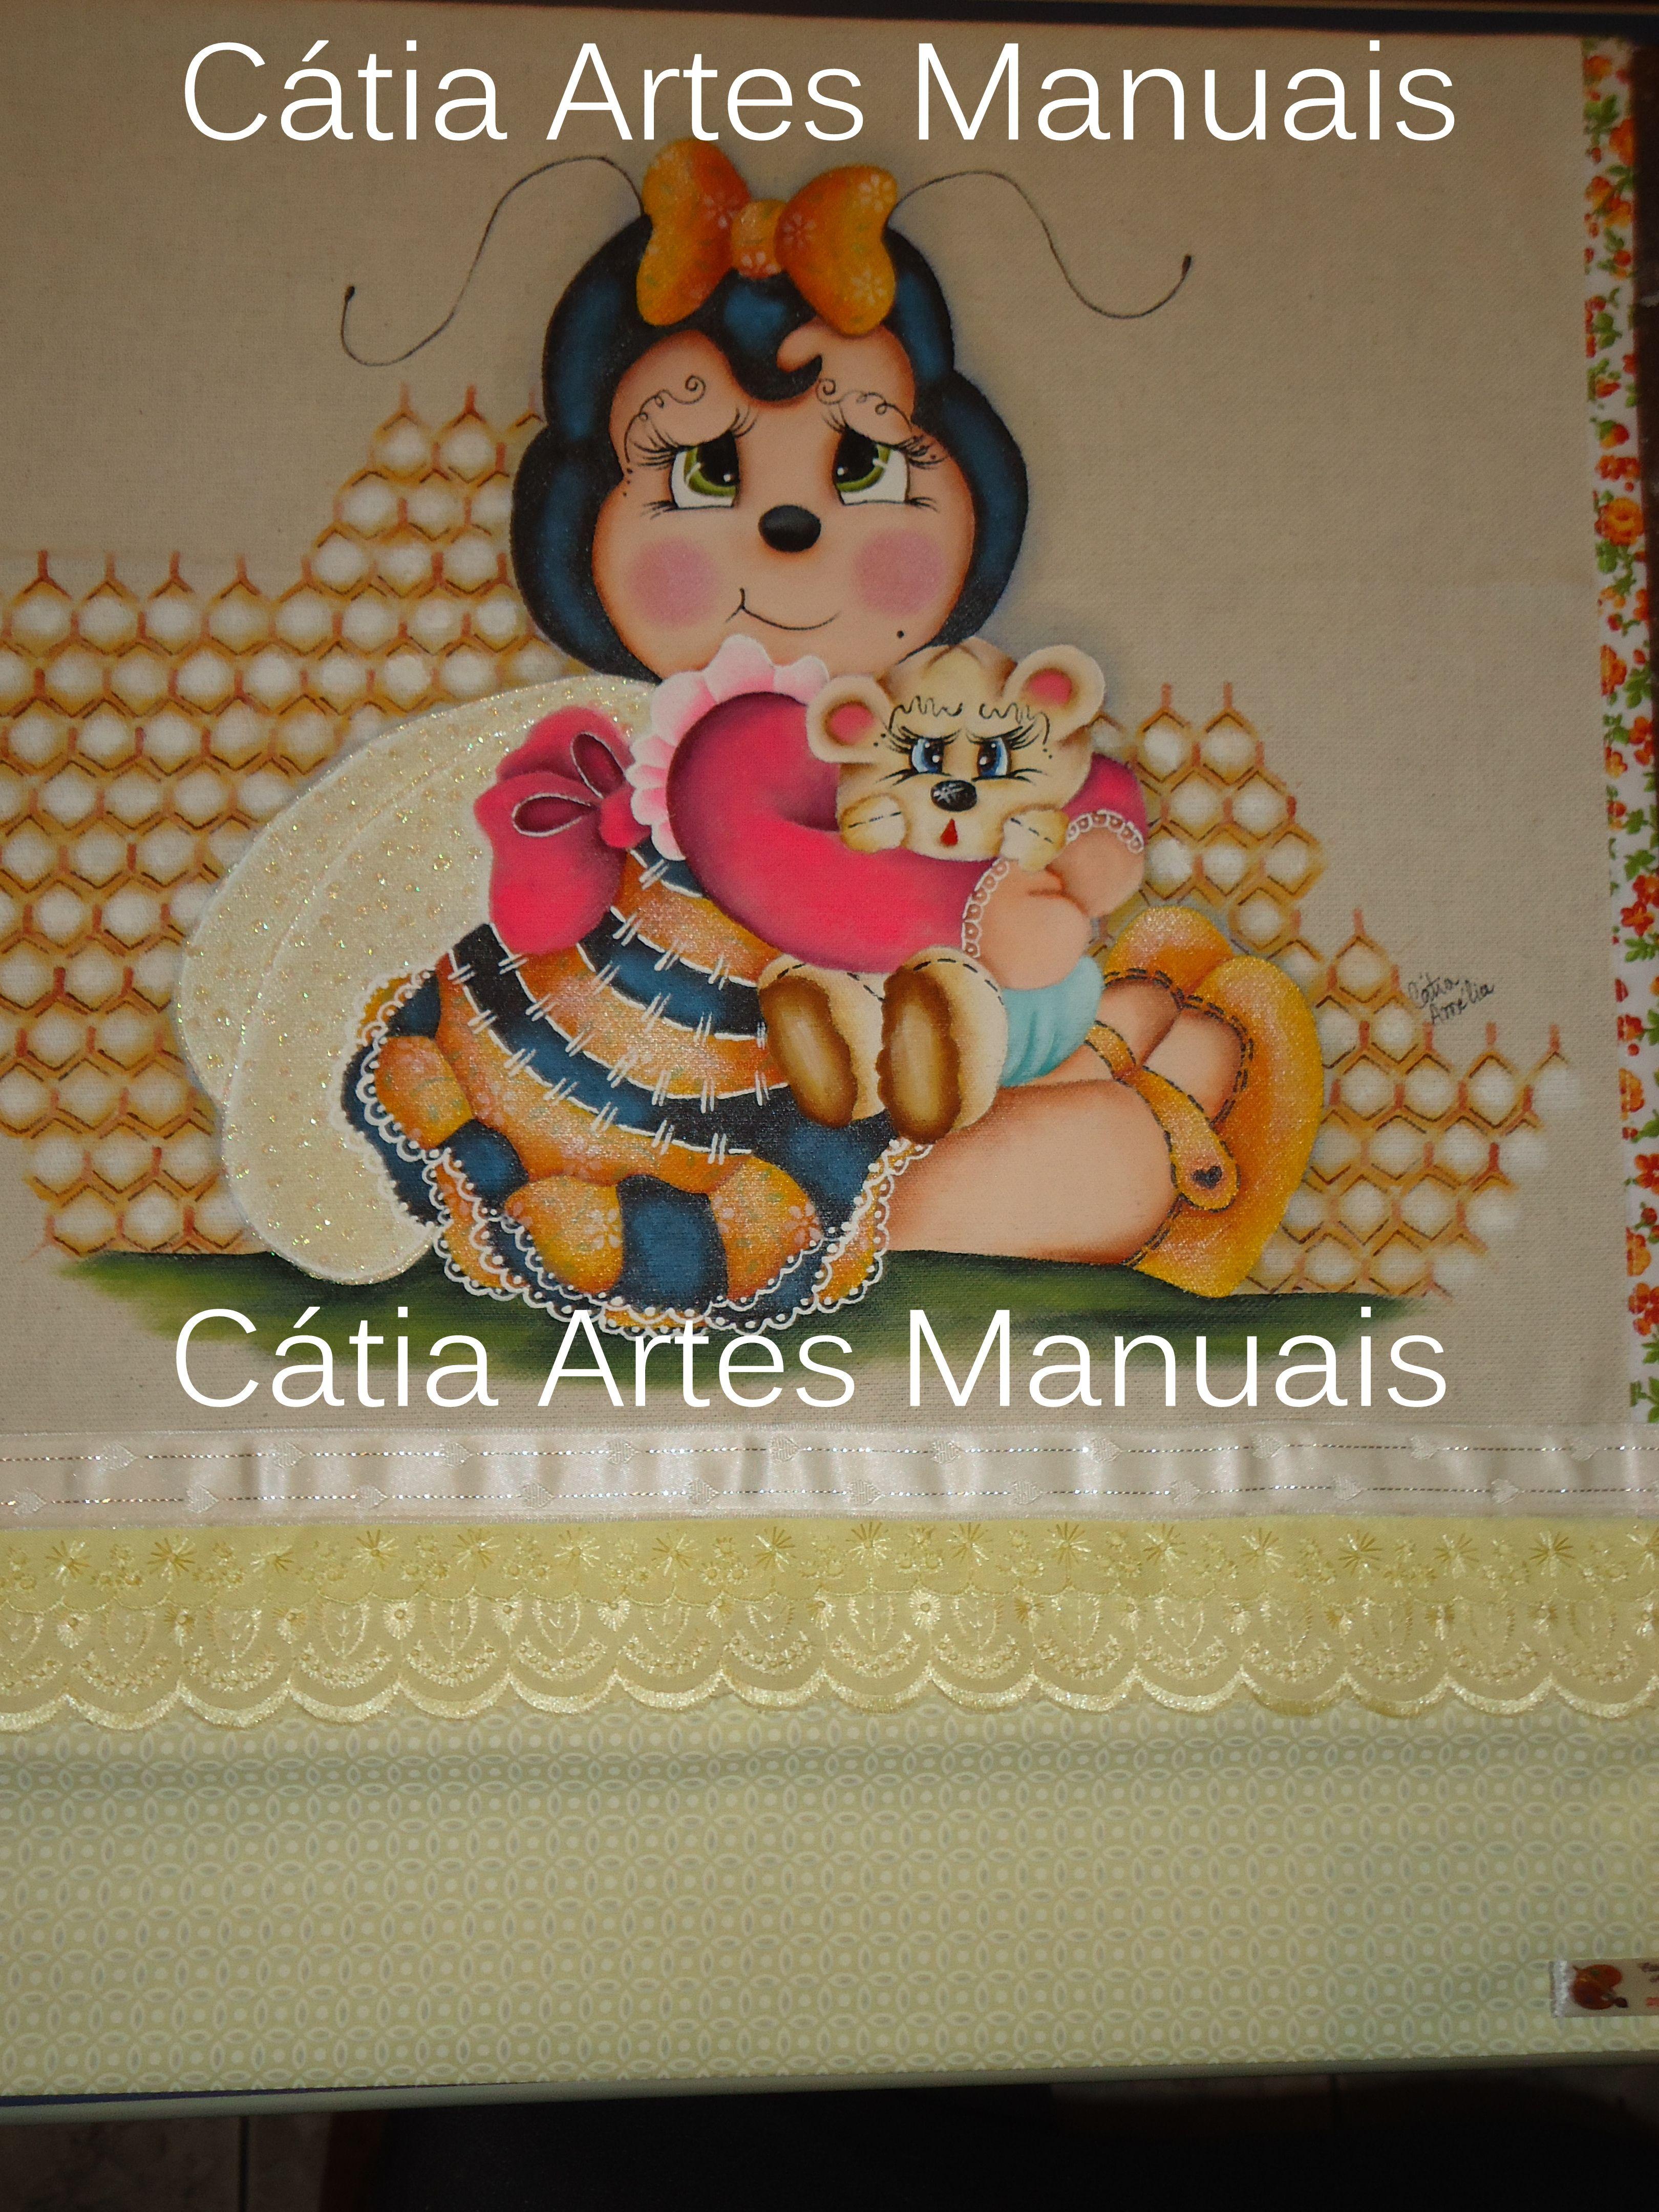 aulas de pintura em tecido country contato tel. 21-31370069 e-mail catiaartesmanuais@gmail.com